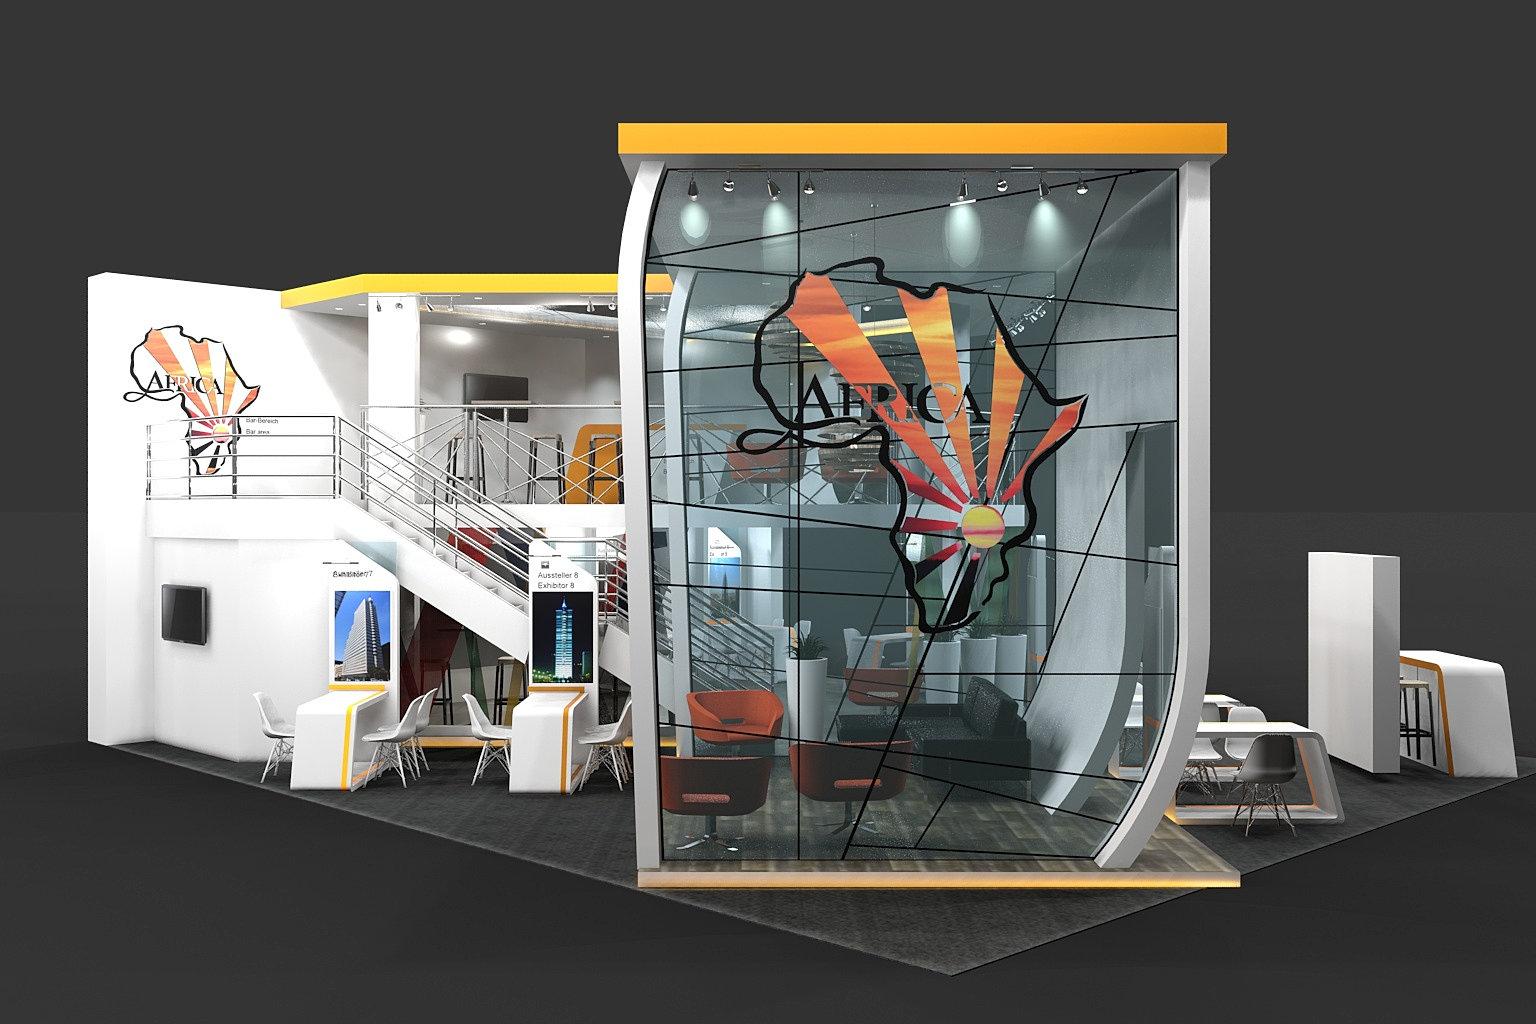 Exhibition Stand Revit : Daniellsdesigns exhibition stand design proposal